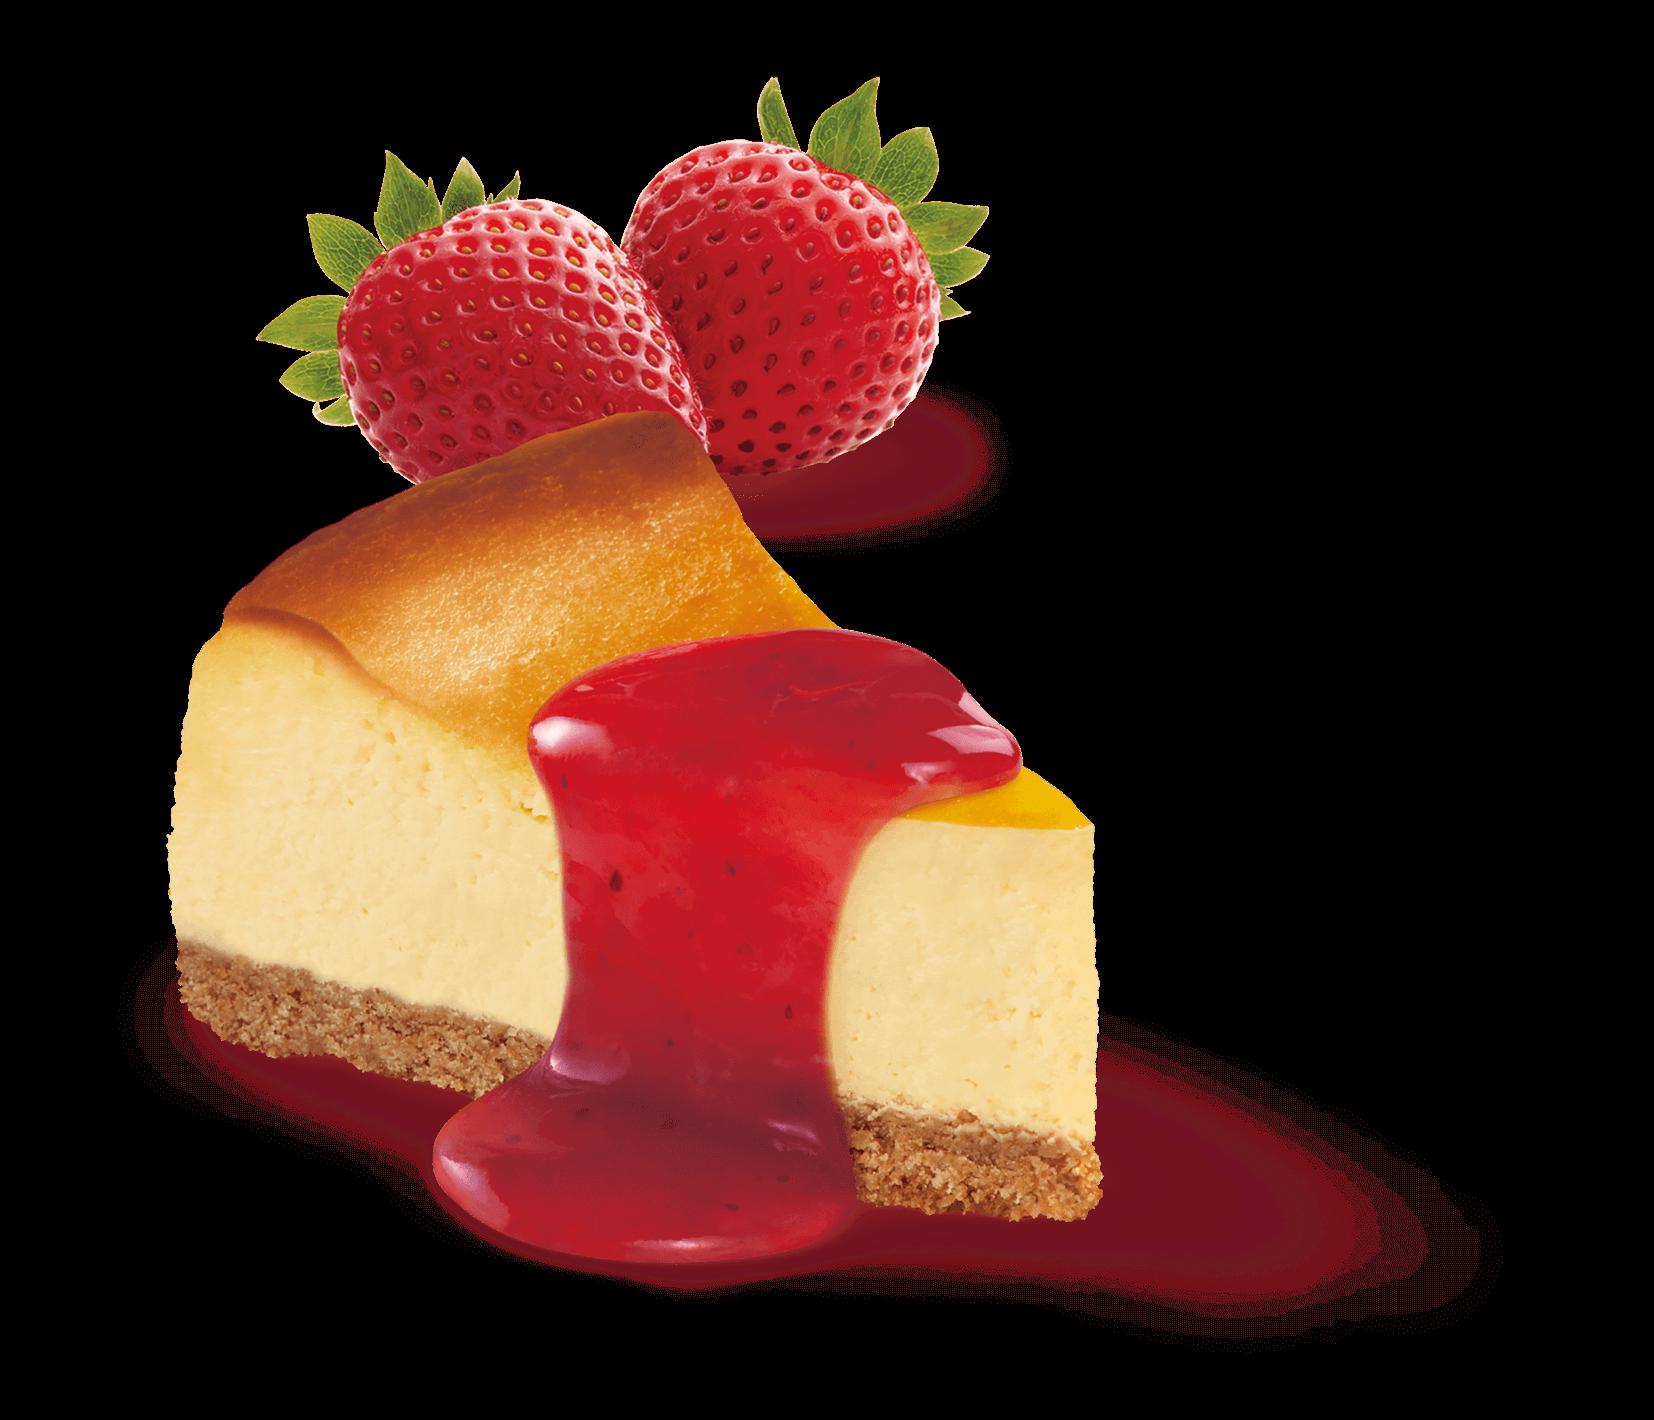 ハーゲンダッツ ミニカップ『ストロベリーチーズケーキ』-チーズクッキー